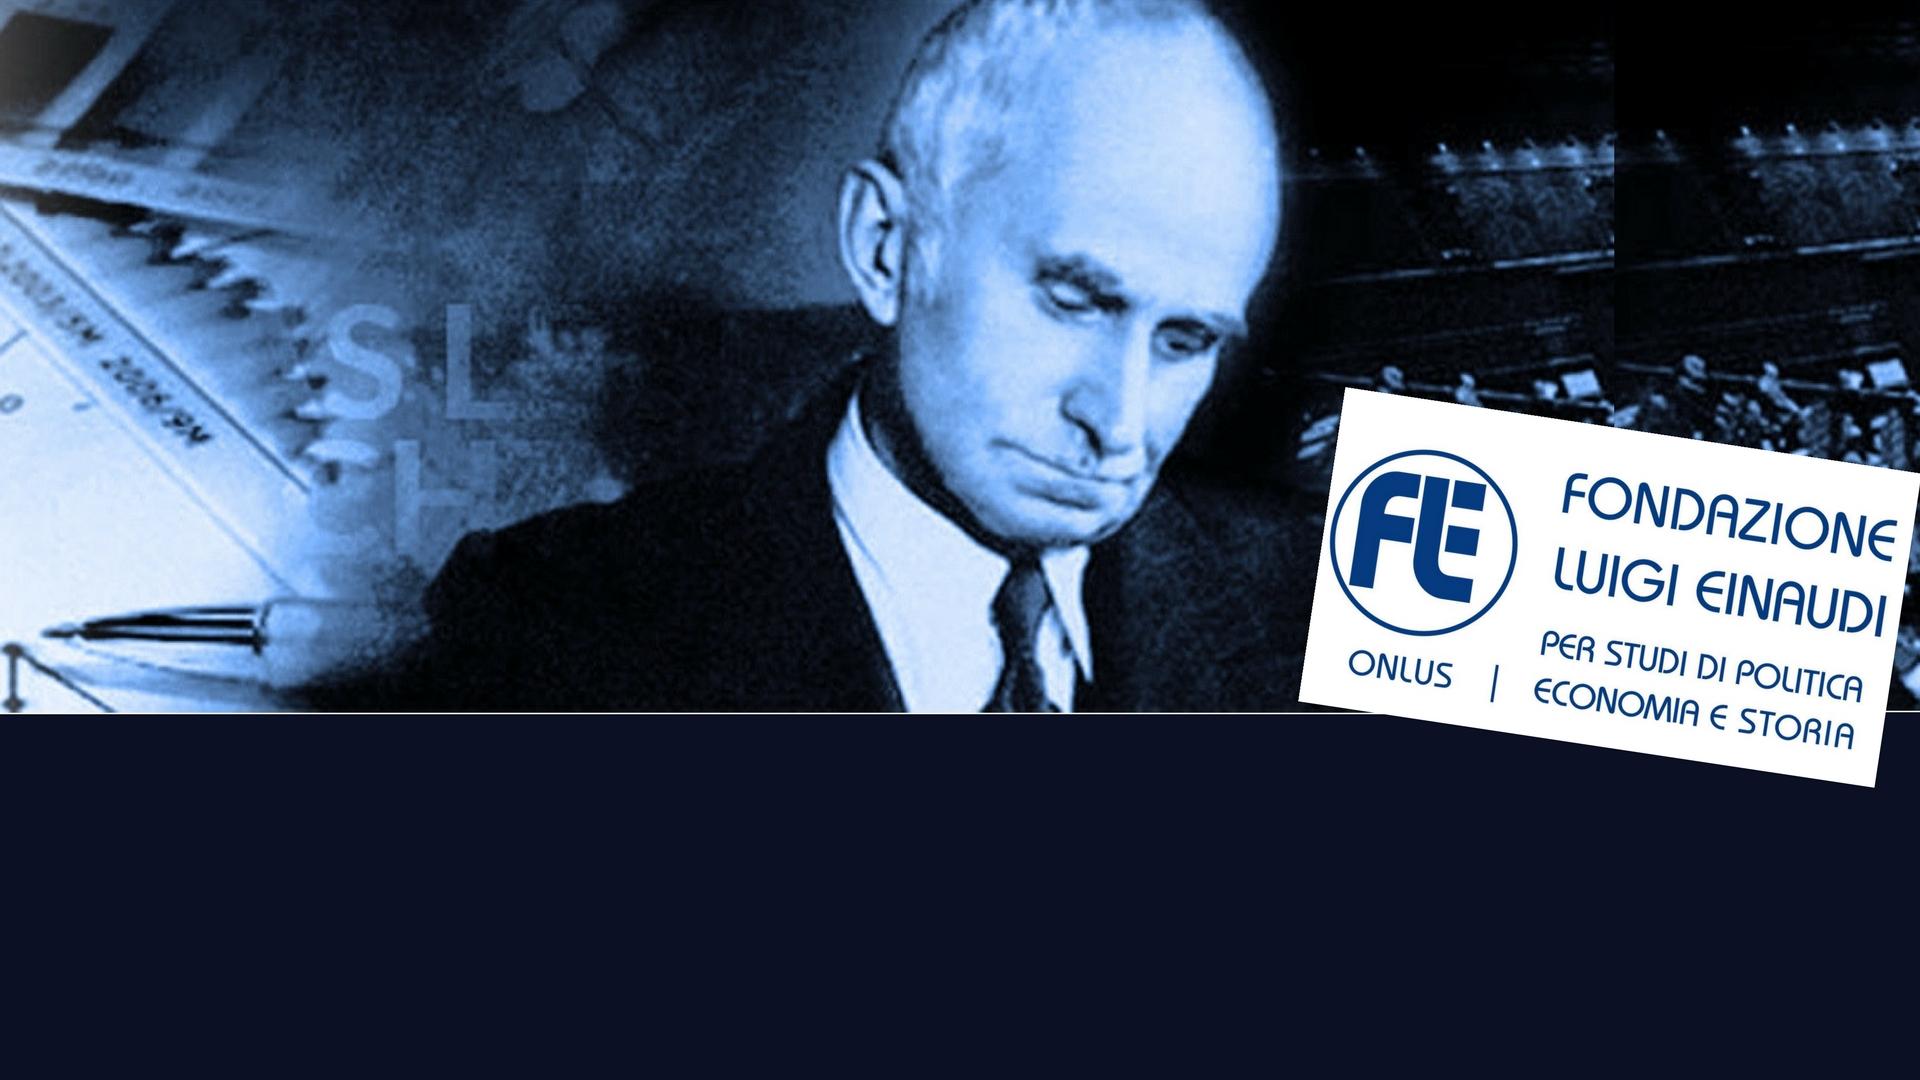 La Fondazione Einaudi più bella e forte che pria